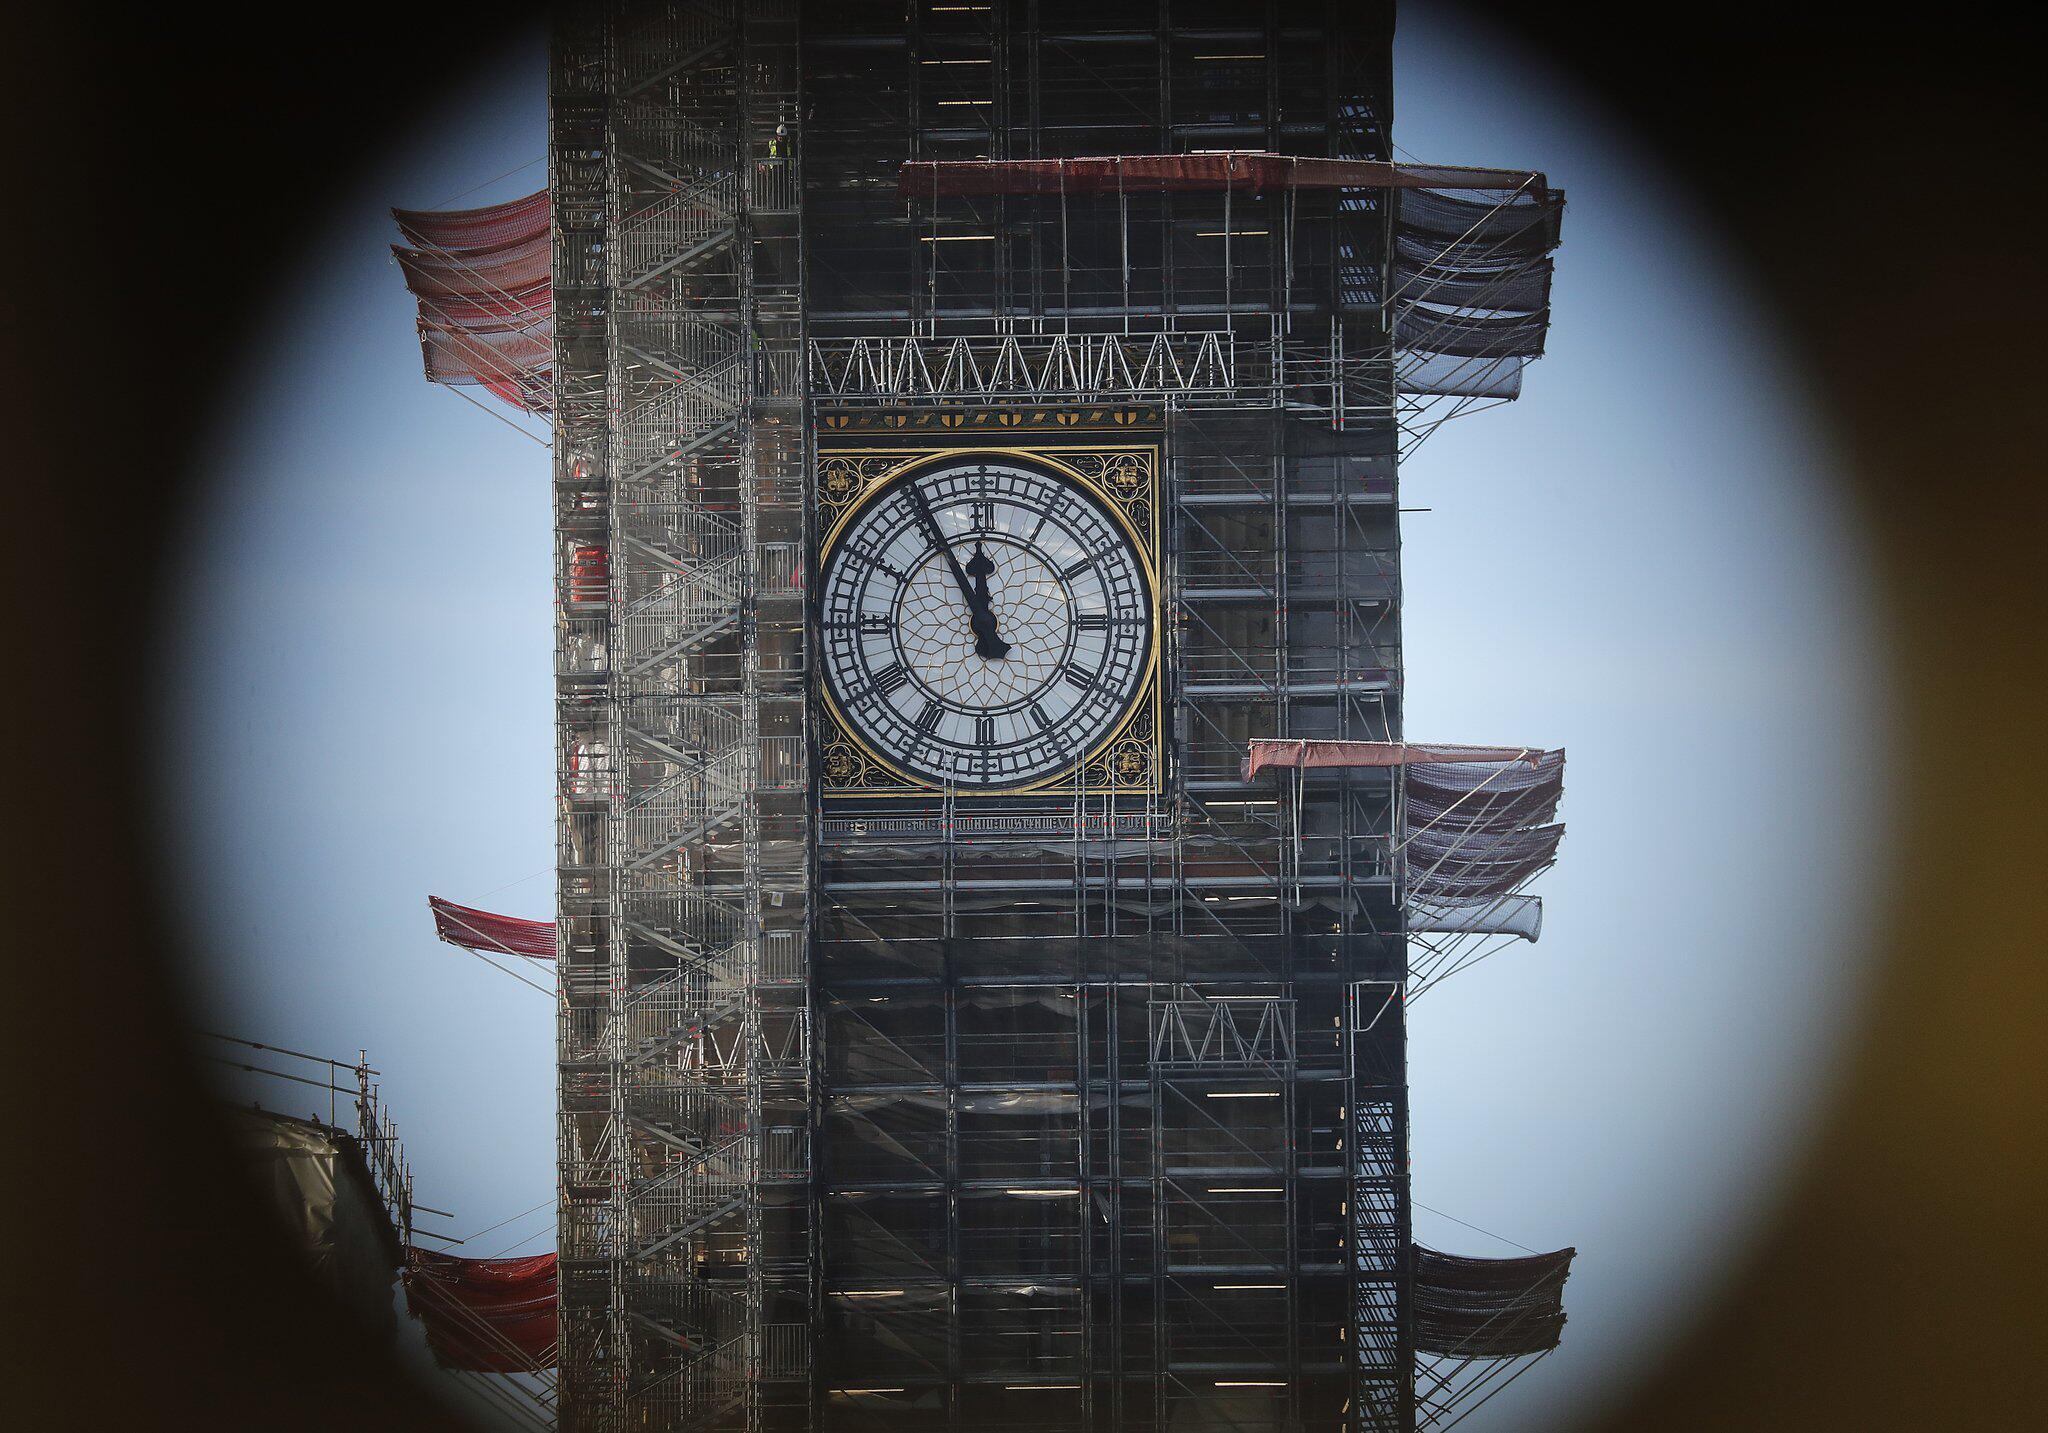 Bild zu Streit um Glockengeläut des Big Ben zum Brexit